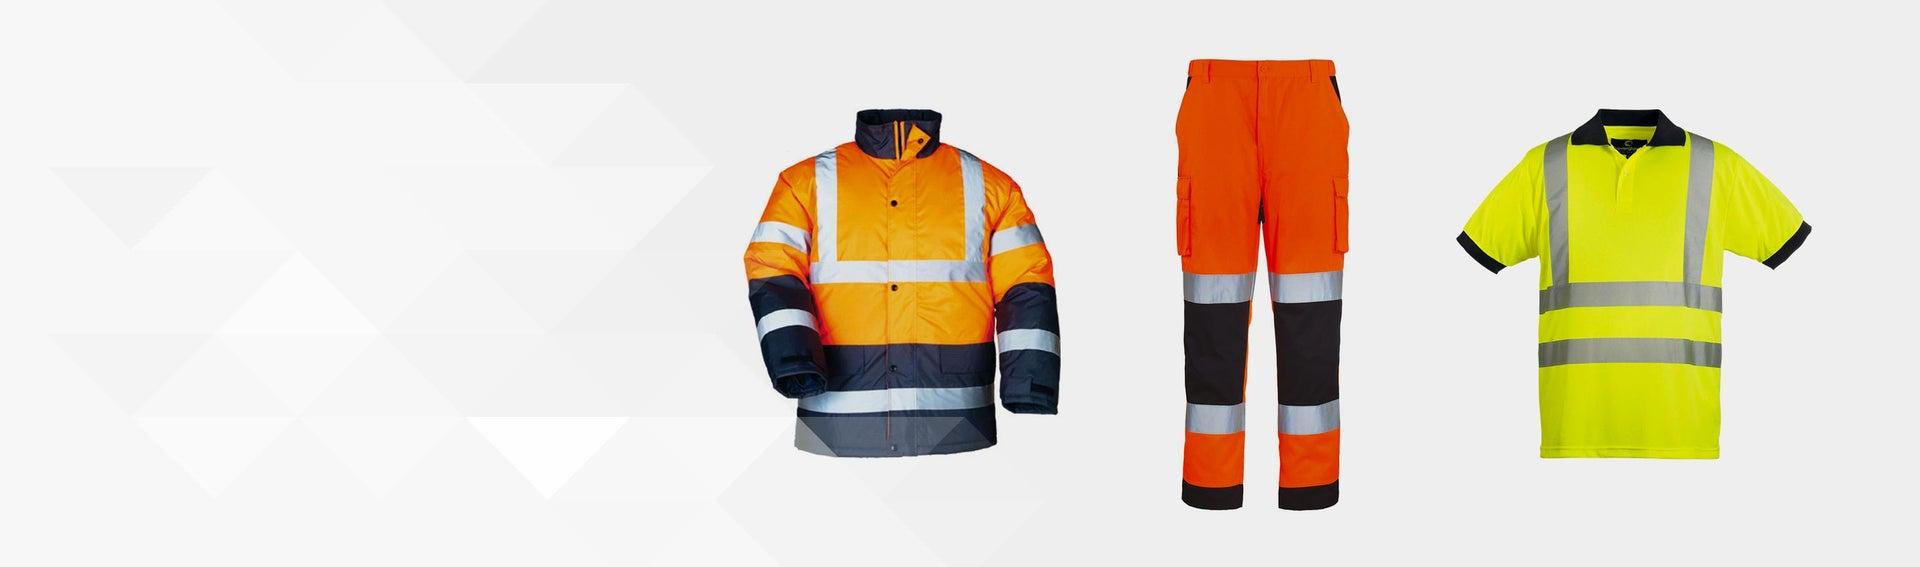 Vêtements et chaussures de sécurité   Protection du bricoleur ... e3faba25f329